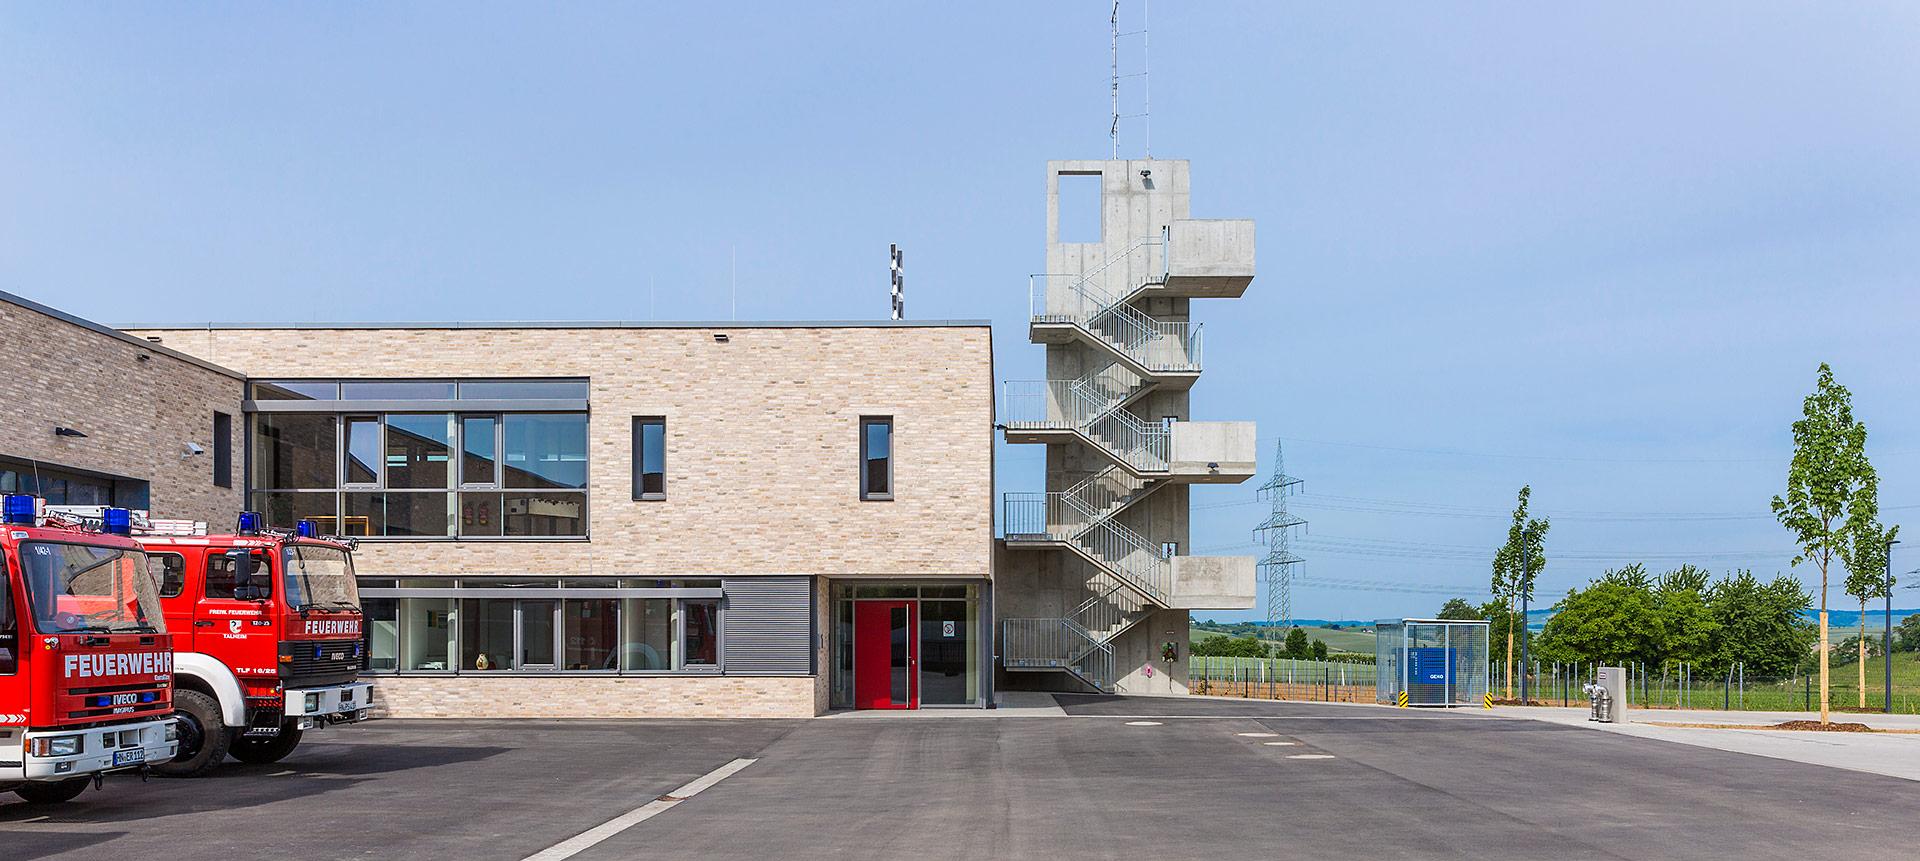 feuerwehrhaus in talheim oho architekten stuttgart. Black Bedroom Furniture Sets. Home Design Ideas